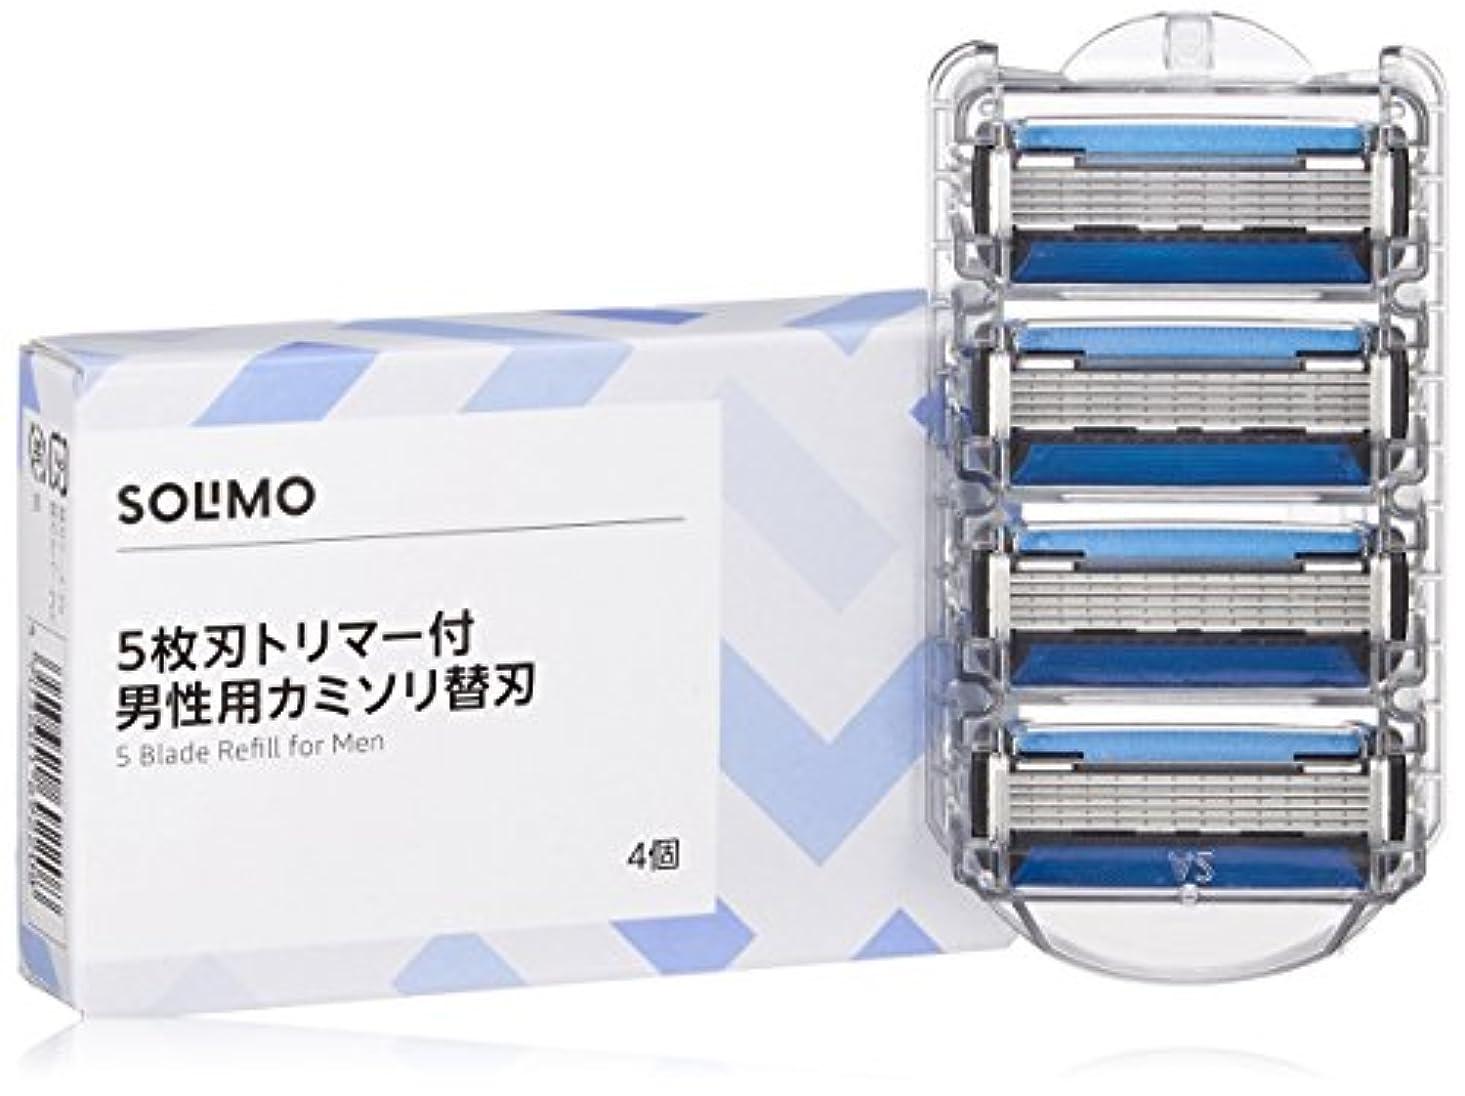 電話する虎叫び声[Amazonブランド]SOLIMO 5枚刃 トリマー付 男性用 カミソリ替刃4個